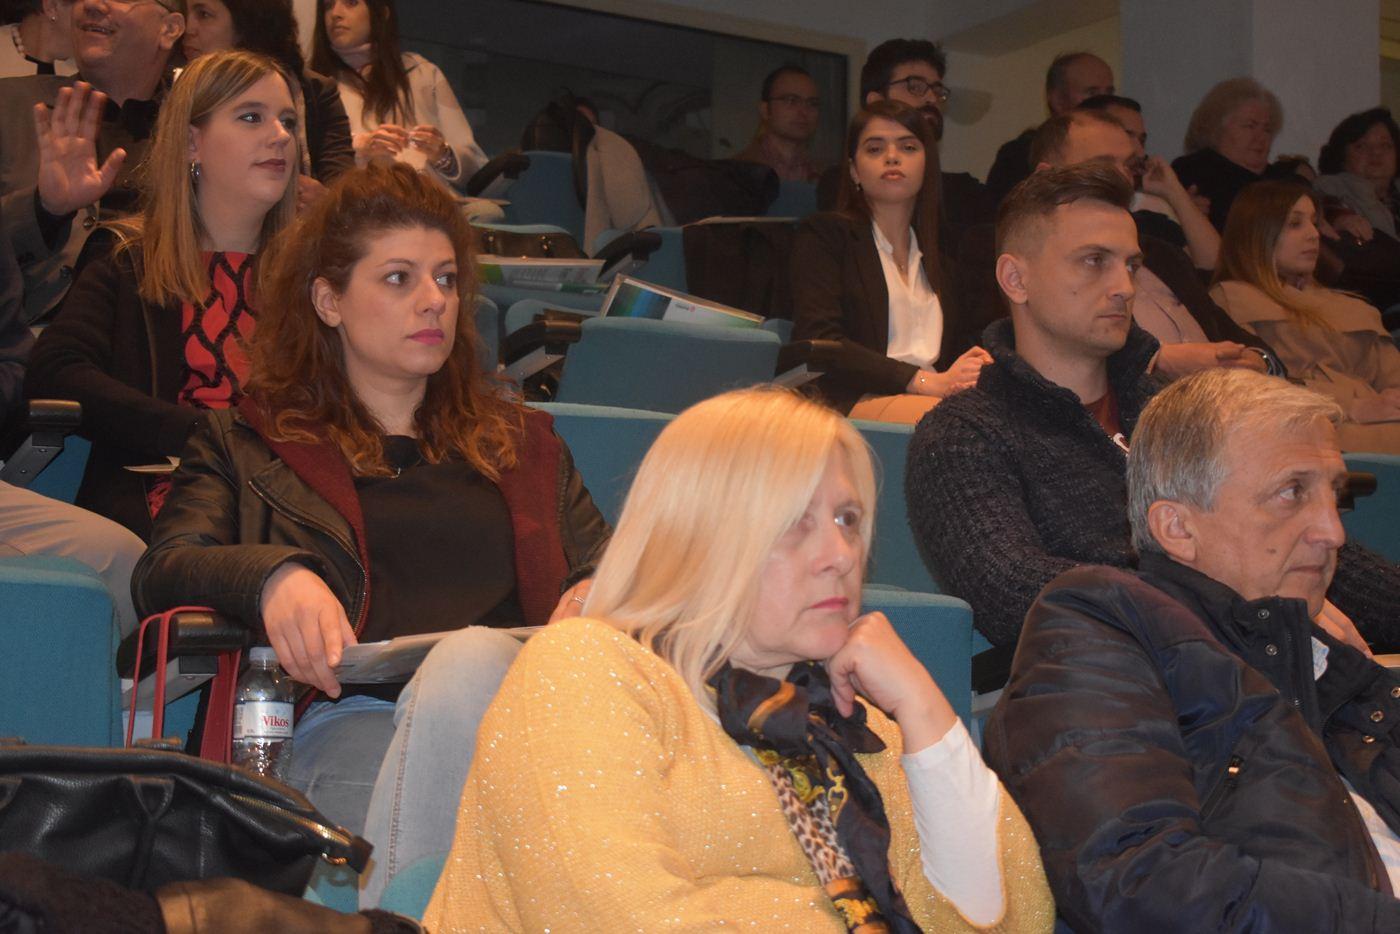 """Ενδιαφέρουσα εκδήλωση με θέμα """"Ο Φαρμακοποιός στην Υπηρεσία του Ασθενούς"""" πραγματοποιήθηκε στην Κεντρική Βιβλιοθήκη Λάρισας (φωτο)"""